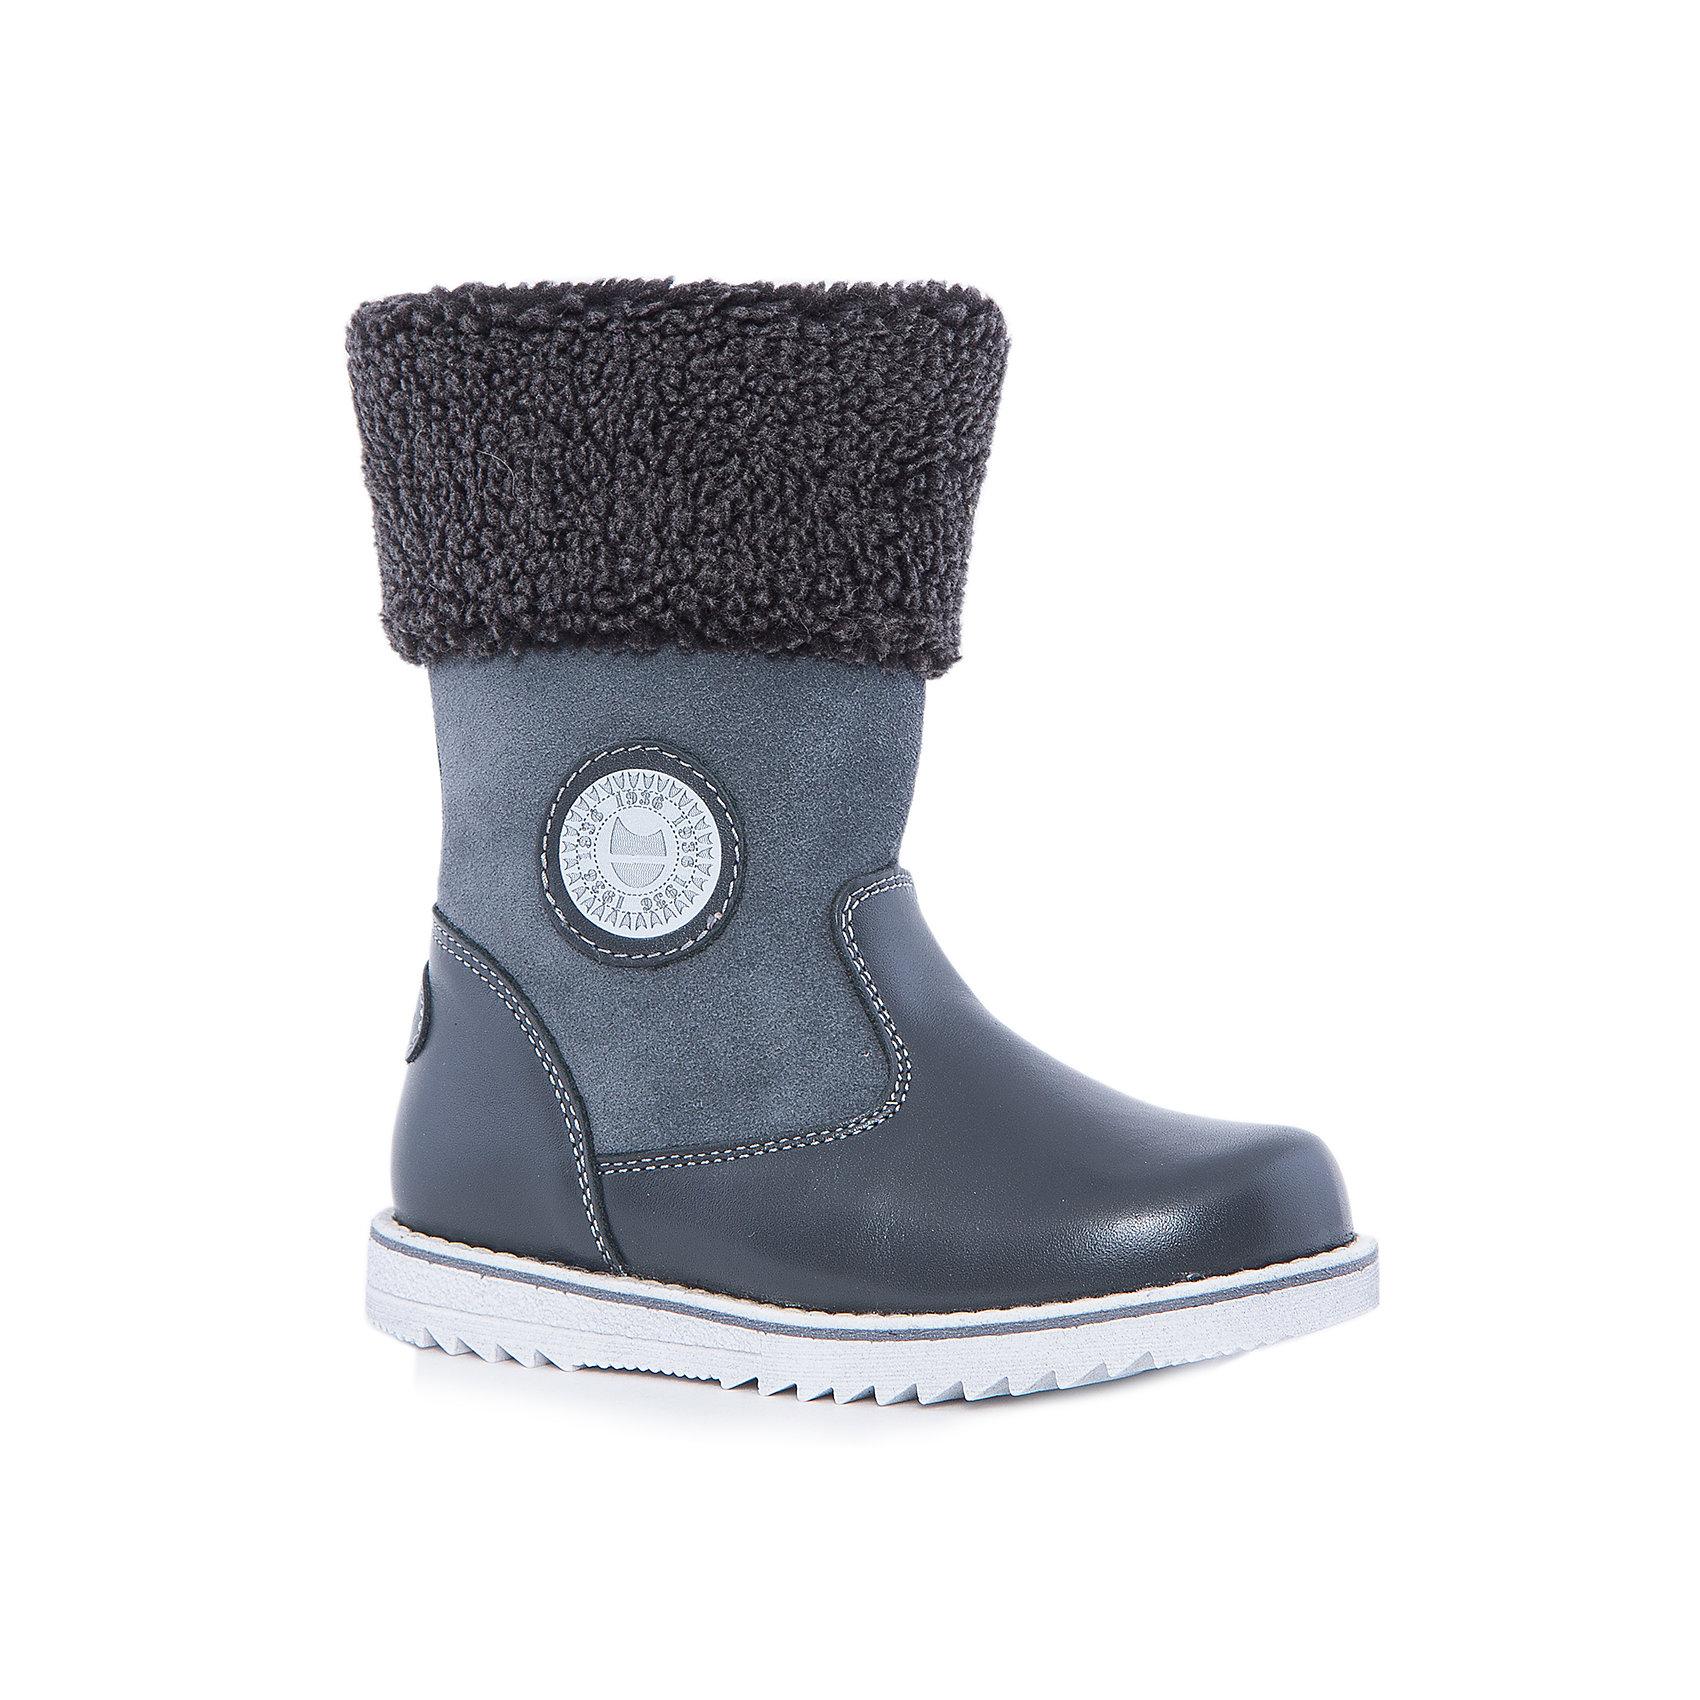 Сапоги для мальчика КотофейКотофей – качественная и стильная детская обувь по доступным ценам. С каждым днем популярность бренда растет.  Сапожки – универсальная обувь для холодов, как для мальчиков, так и для девочек. Новая модель – сочетание проверенной классической формы сапог и модной манжеты из овчины в районе голени. Кожа и замша вместе создают стильный образ сапог. Натуральные материалы отвечают всем требованиям по безопасности.<br><br>Дополнительная информация:<br><br>цвет: серый;<br>вид крепления: на клею;<br>застежка: молния;<br>температурный режим: от -15 °С до +5° С.<br><br>Состав:<br>материал верха – кожа;<br>материал подклада – натуральная овчина;<br>подошва – ТЭП.<br><br>Зимние сапожки из натуральной кожи для мальчика дошкольного возраста от фирмы Котофей можно купить в нашем магазине.<br><br>Ширина мм: 257<br>Глубина мм: 180<br>Высота мм: 130<br>Вес г: 420<br>Цвет: серый<br>Возраст от месяцев: 36<br>Возраст до месяцев: 48<br>Пол: Мужской<br>Возраст: Детский<br>Размер: 27,29,28,30,31<br>SKU: 4982196